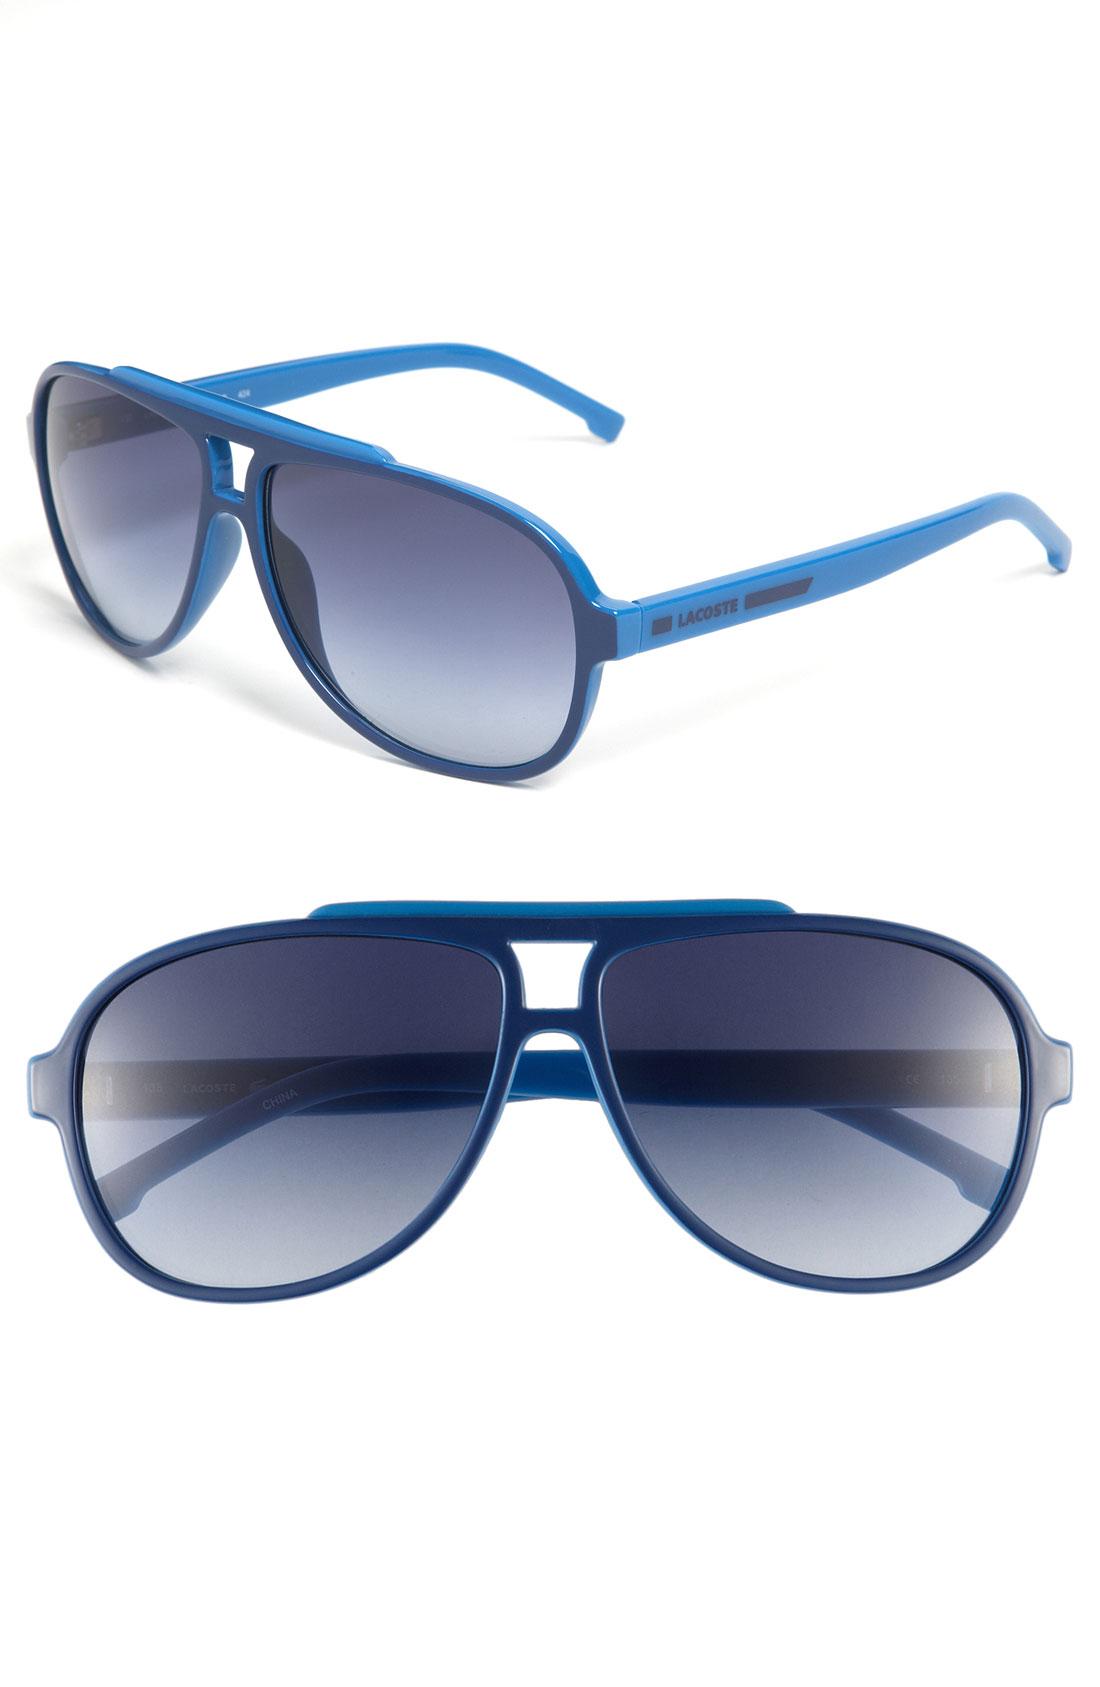 Lacoste Aviator Sunglasses In Blue For Men Blue Light